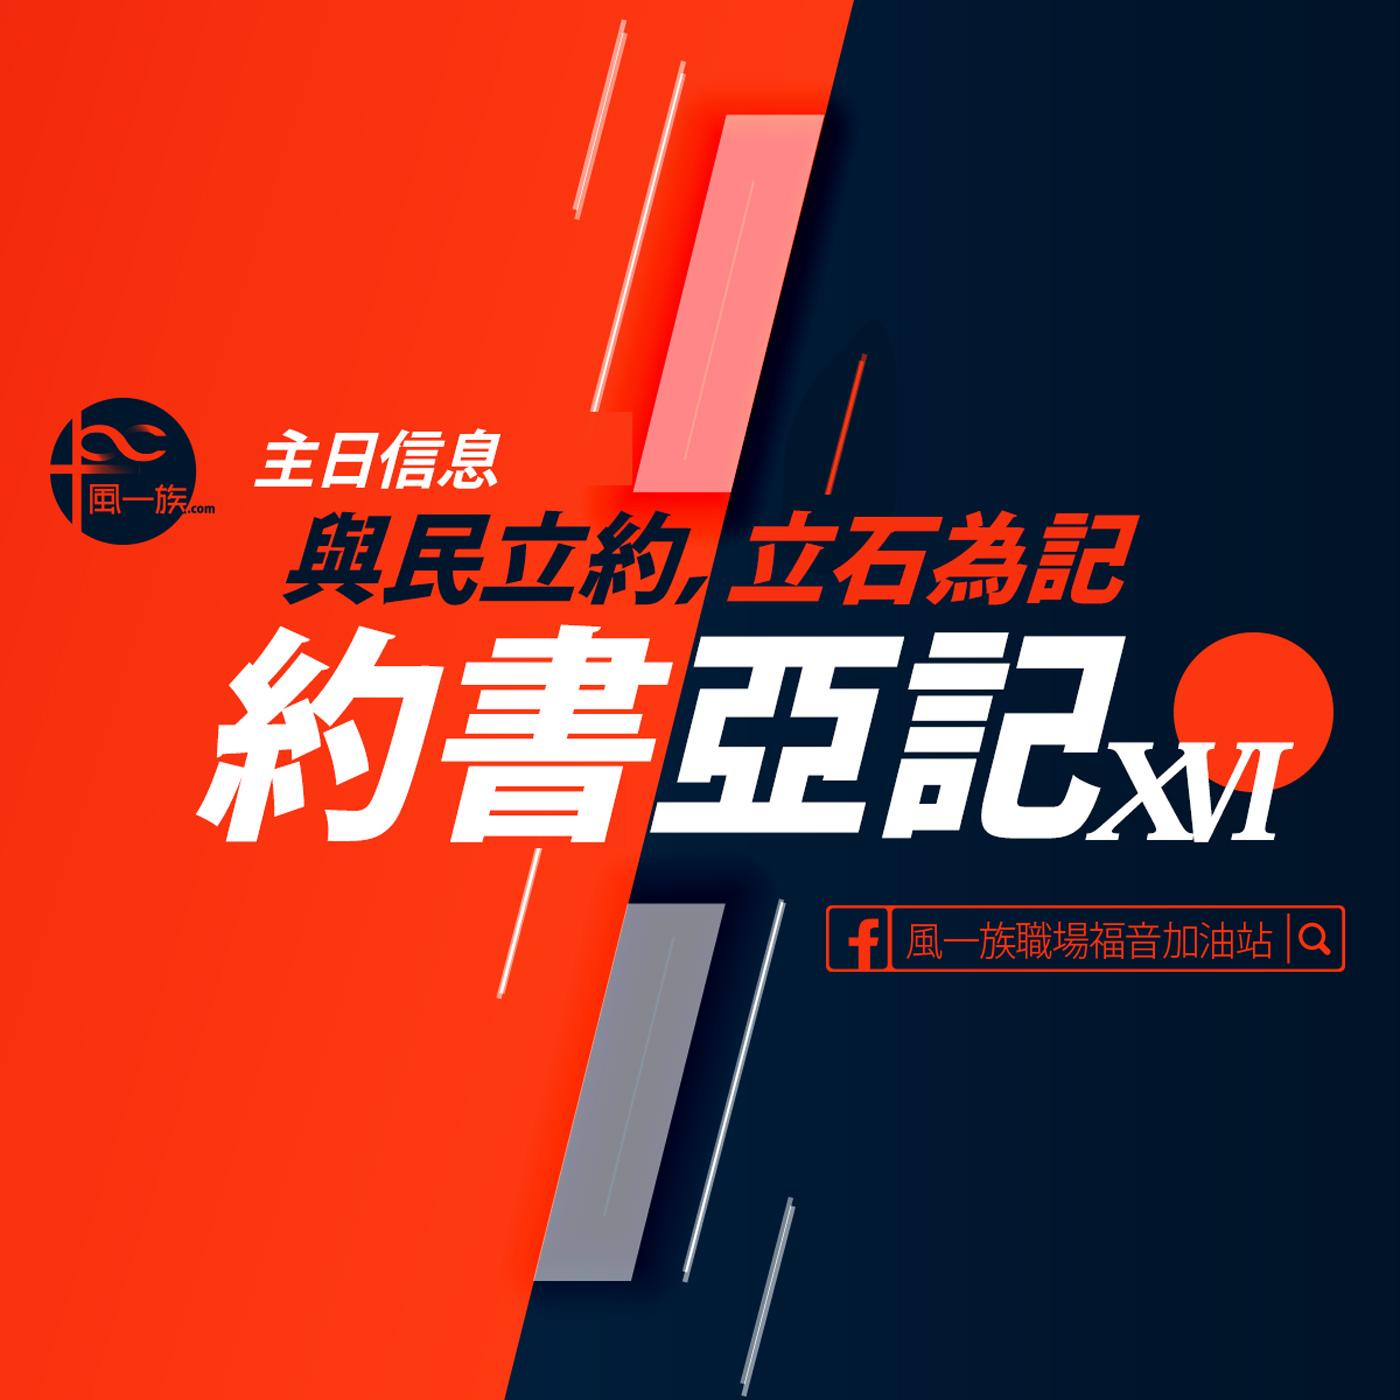 2021-07-11-約書亞記XVI【與民立約,立石為記】